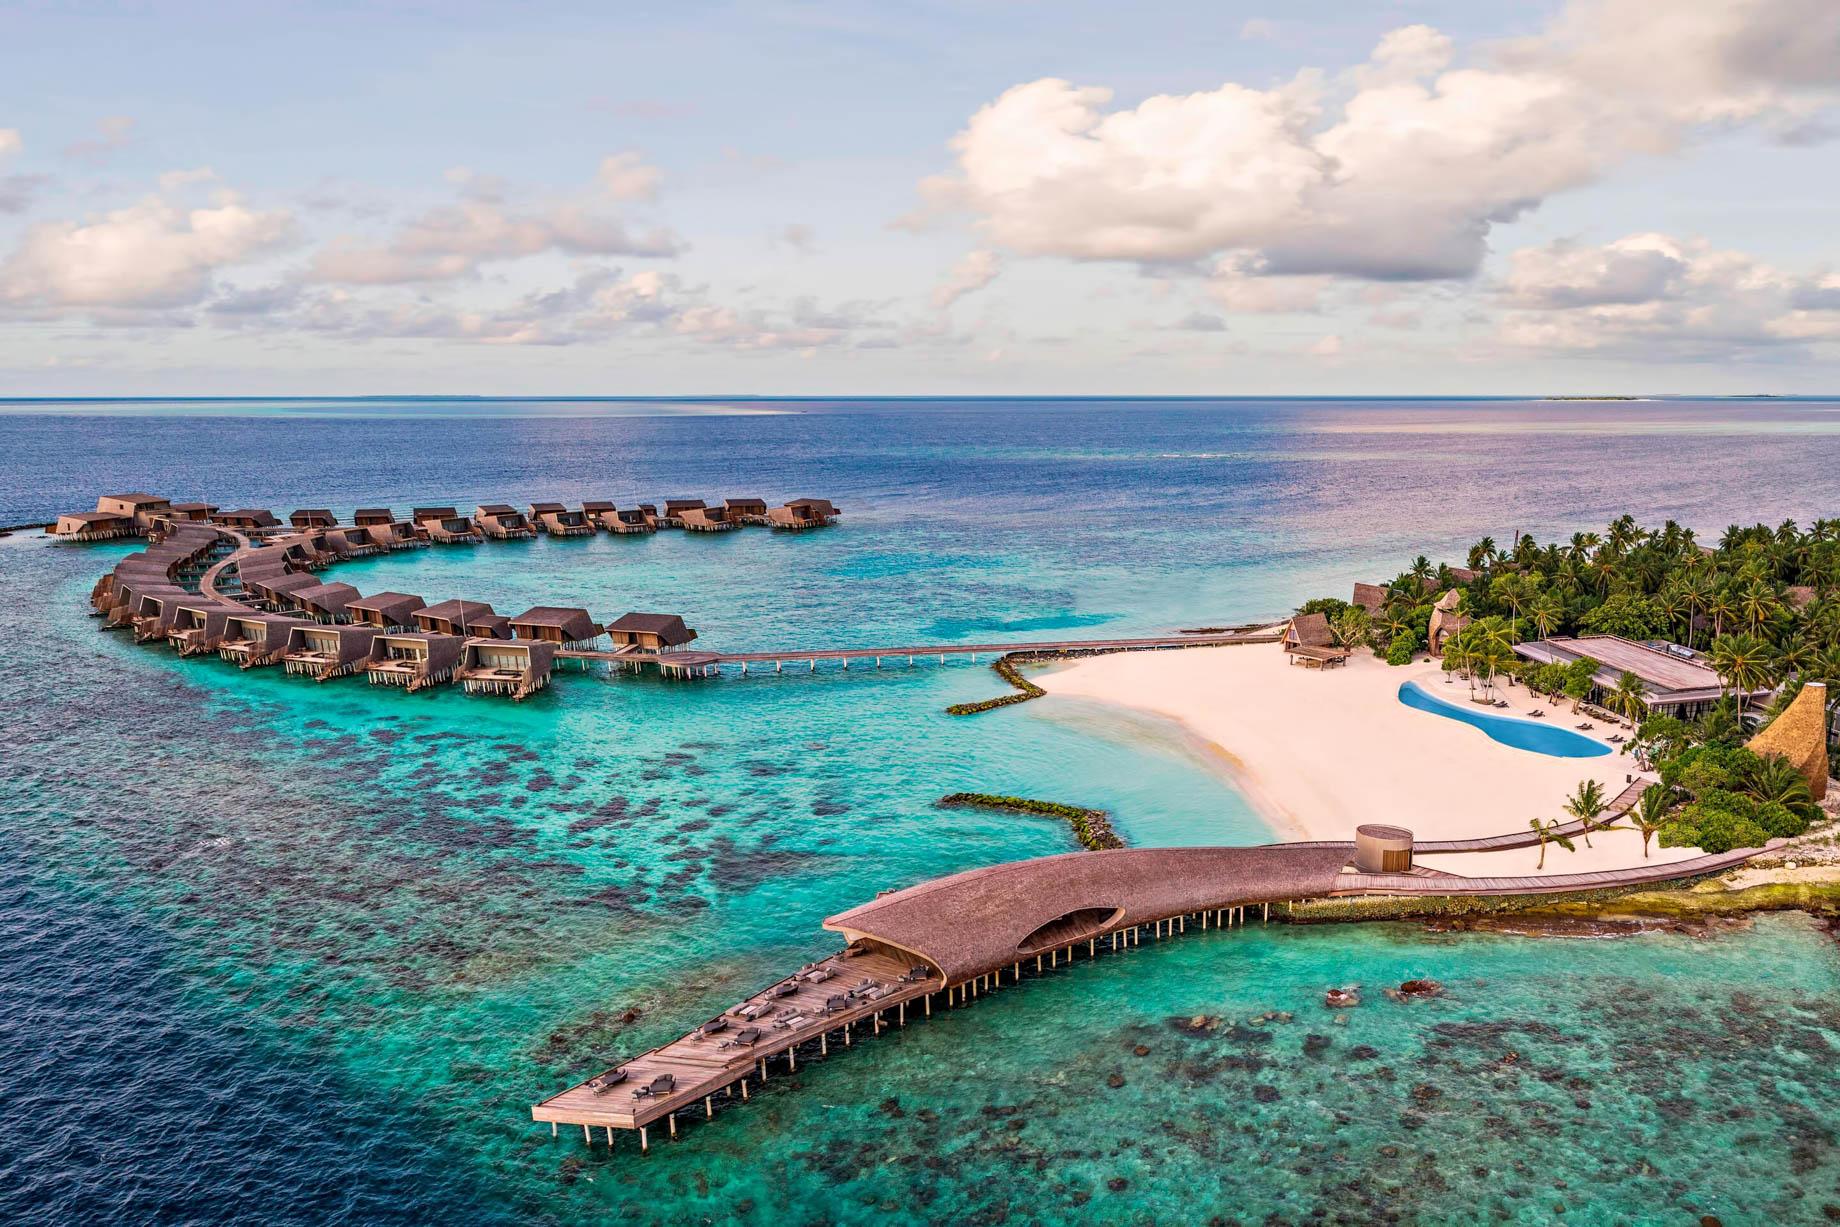 The St. Regis Maldives Vommuli Luxury Resort - Dhaalu Atoll, Maldives - Whale Bar Exterior